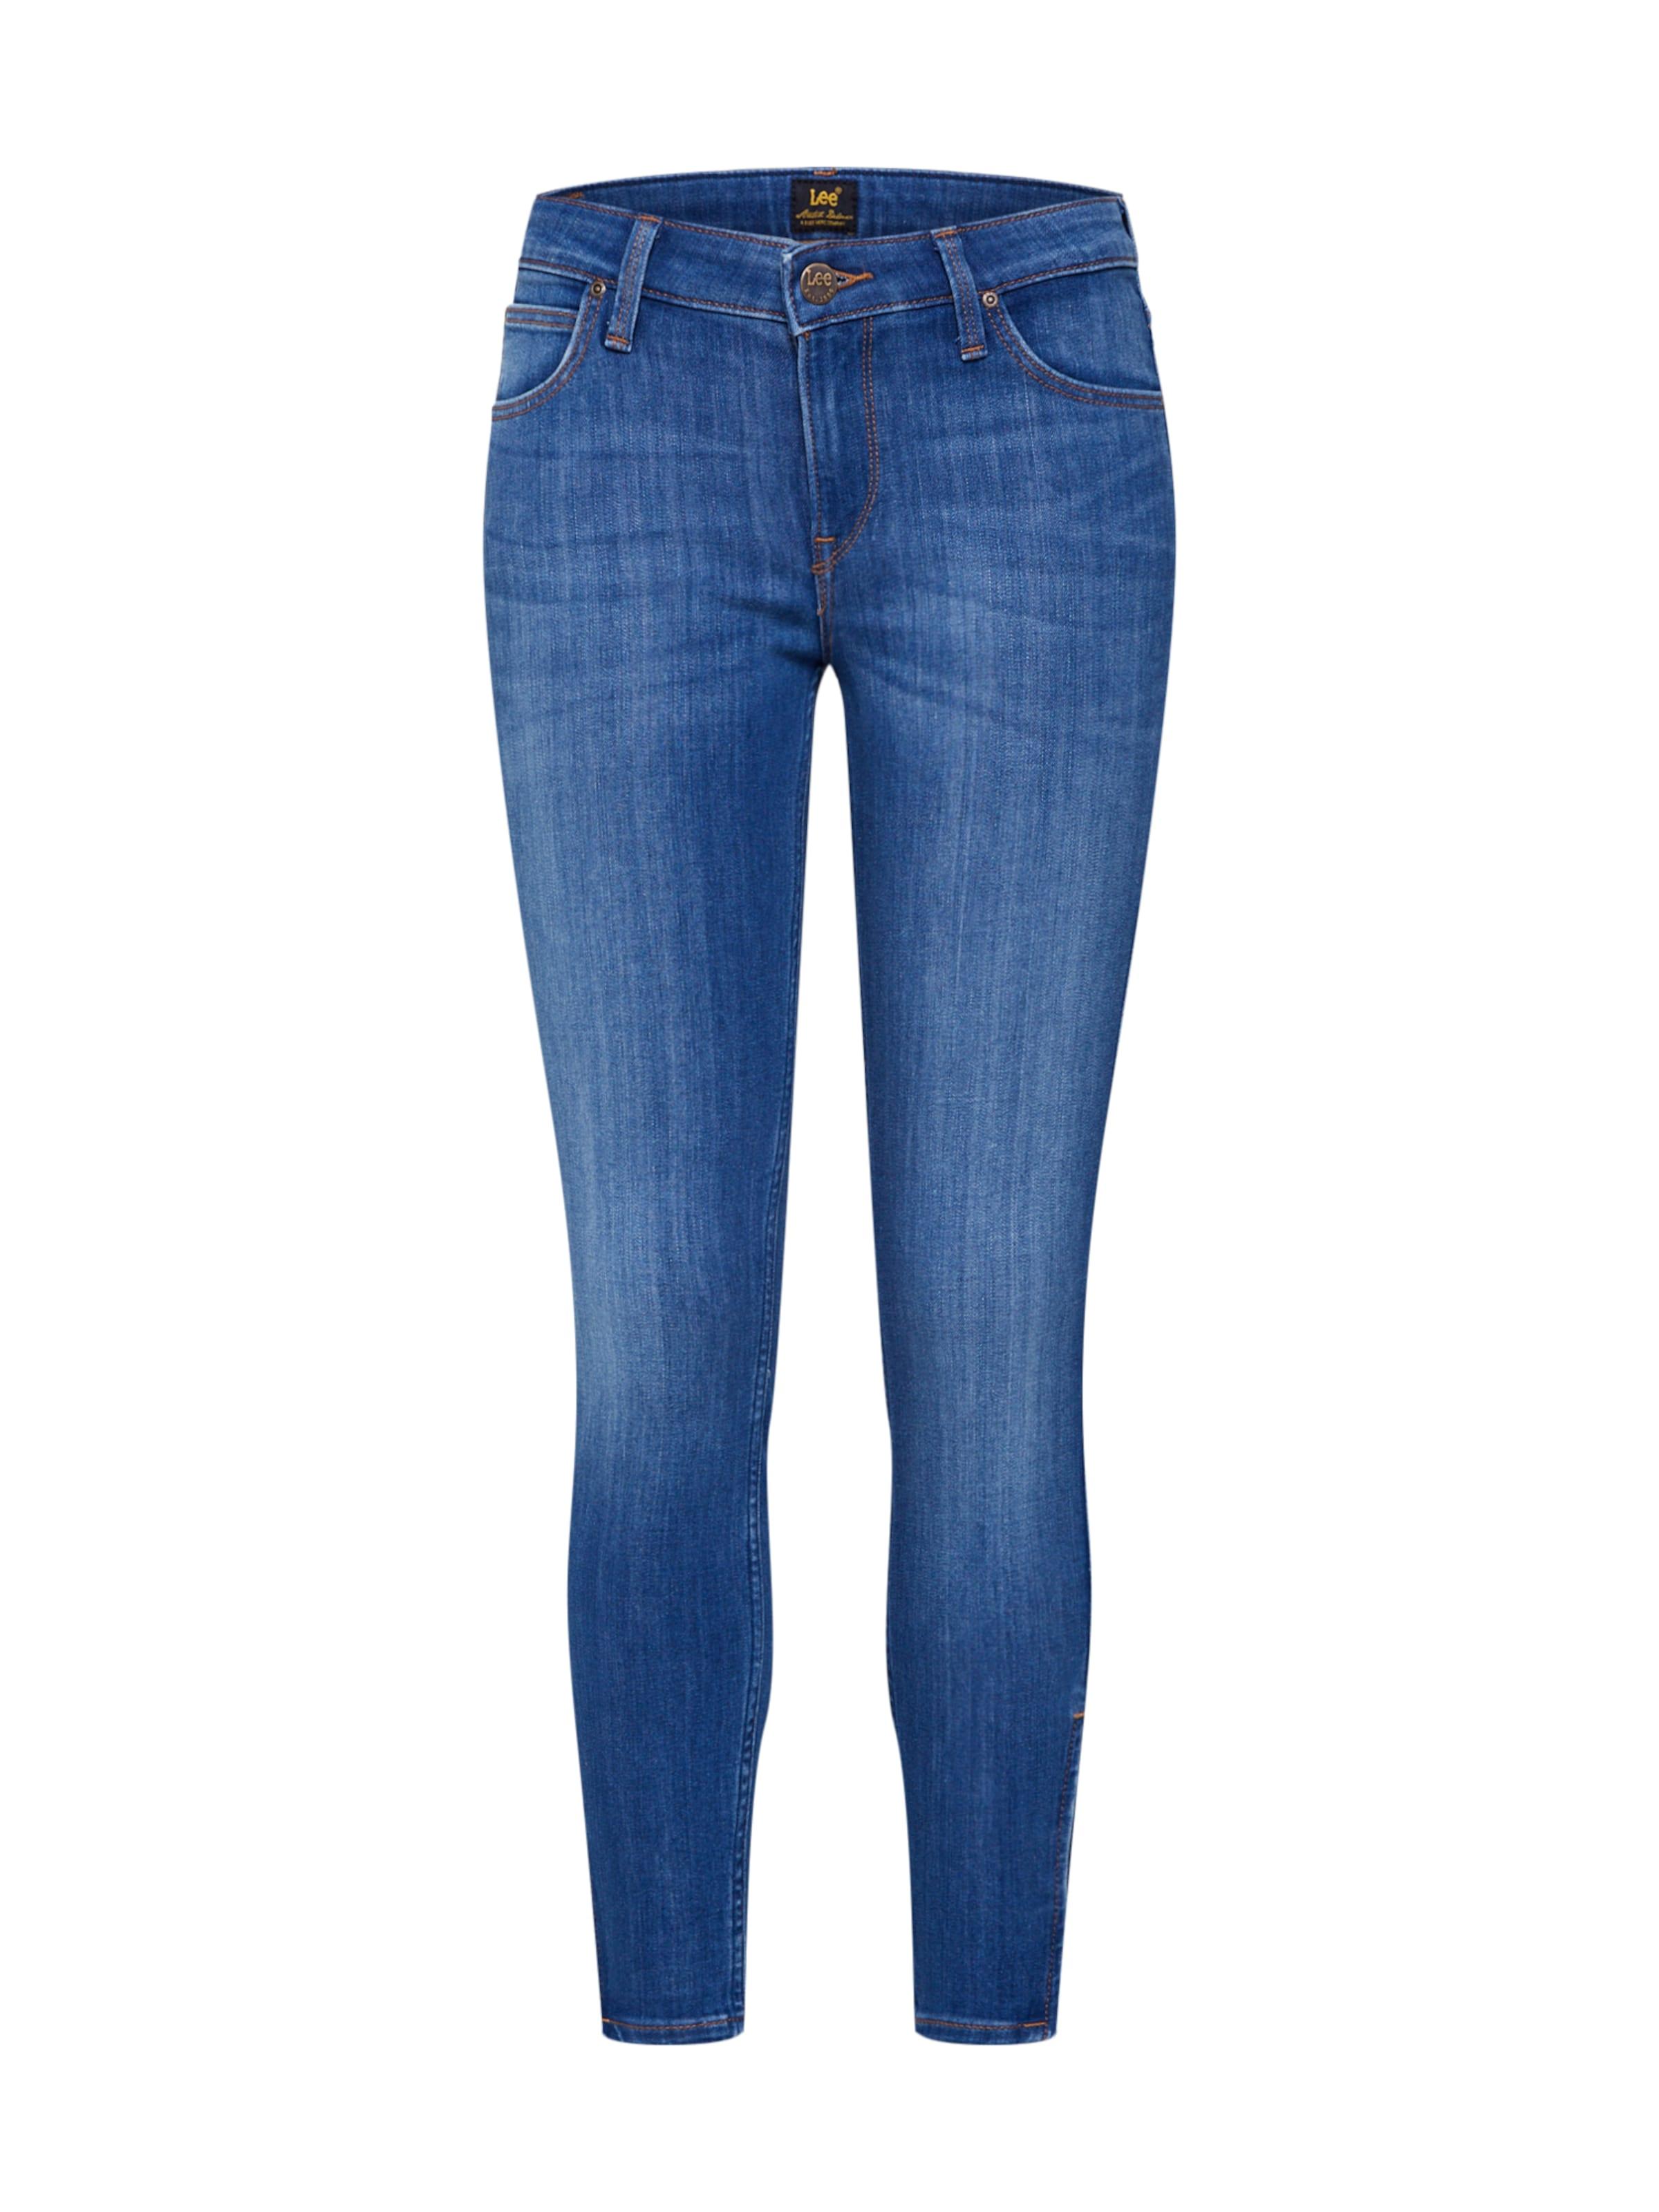 Blue Jeans Lee In 'scarlett Denim Cropped' rdCoxeB